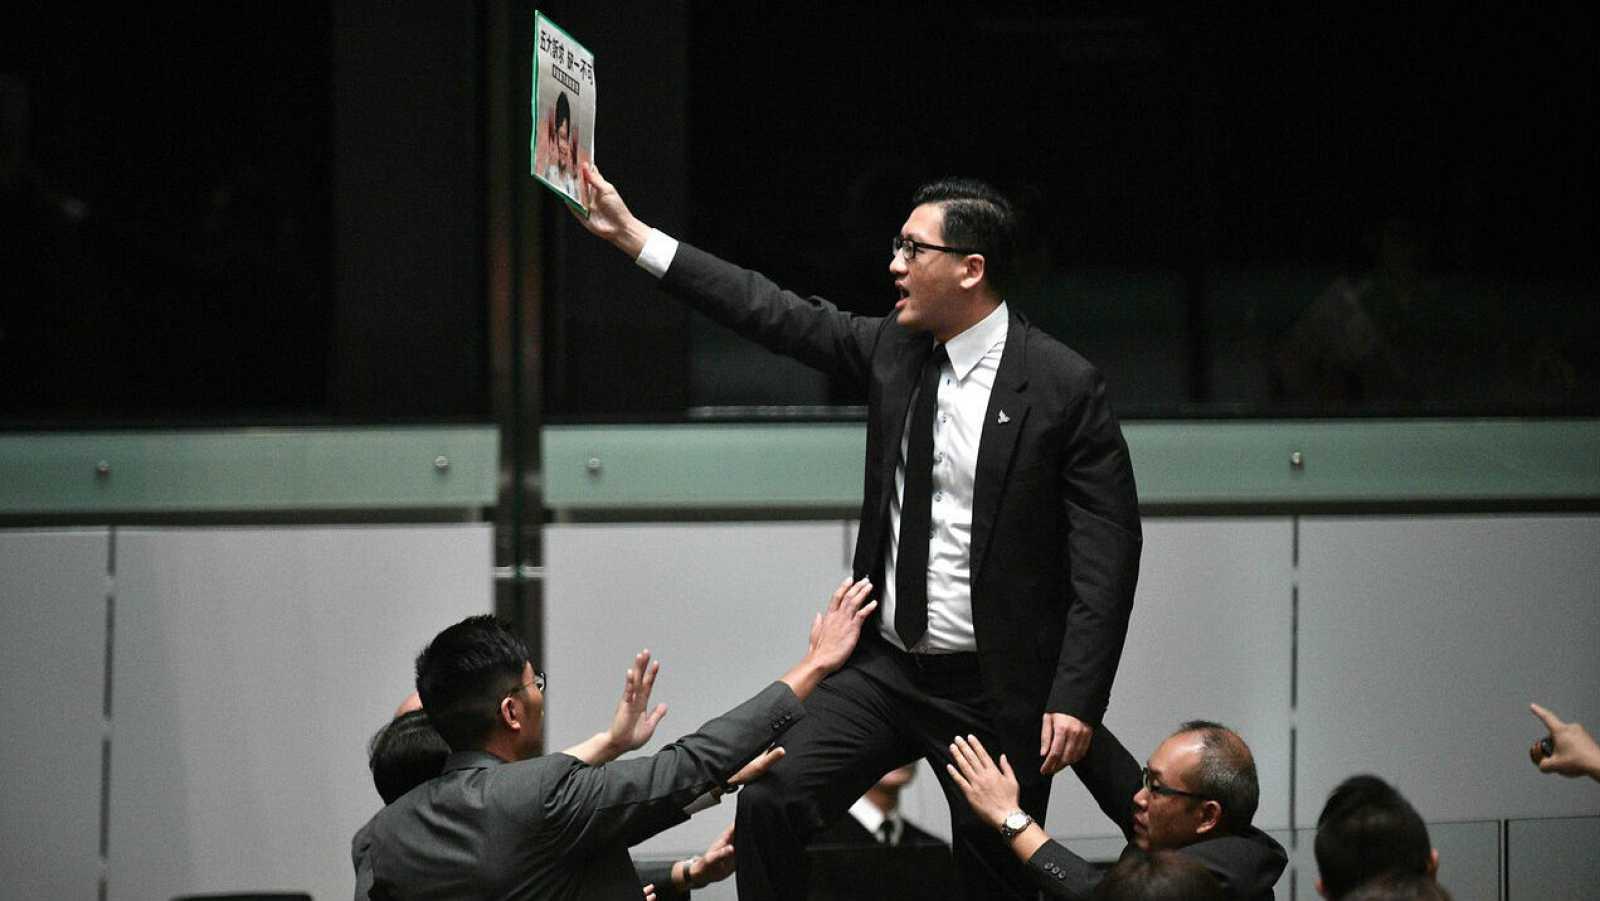 El legislador prodemocrático Lam Cheuk-ting durante una protesta en Hong Kong.